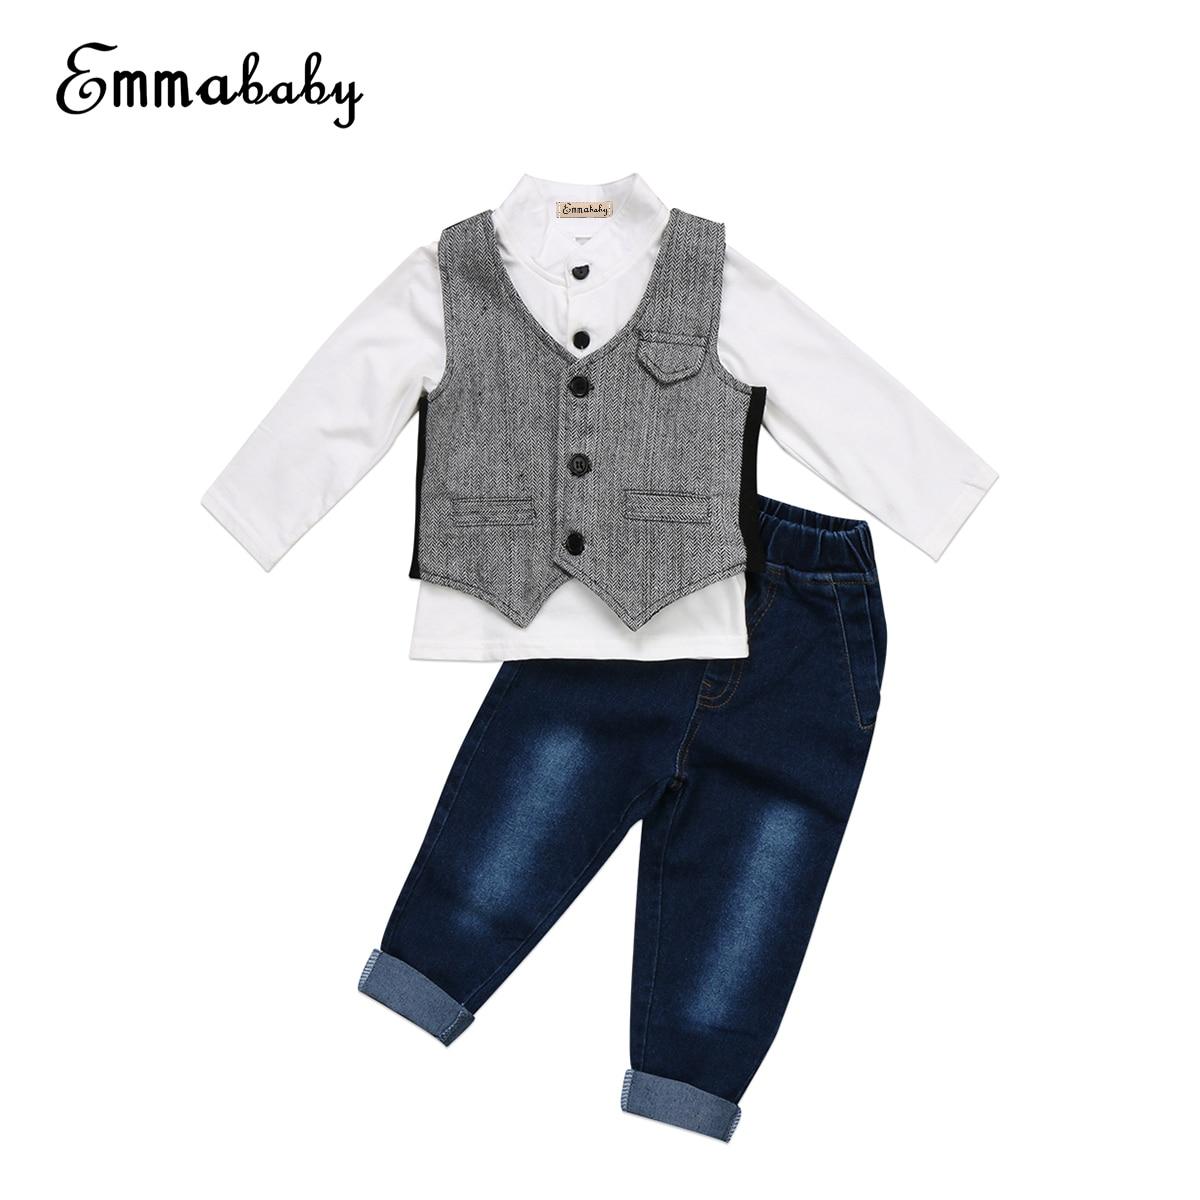 От 0 до 5 лет джентльмен Комплект детской одежды для мальчиков одежда для малышей Одежда для мальчиков деловой костюм жилет джинсы 3 шт. Одежд...